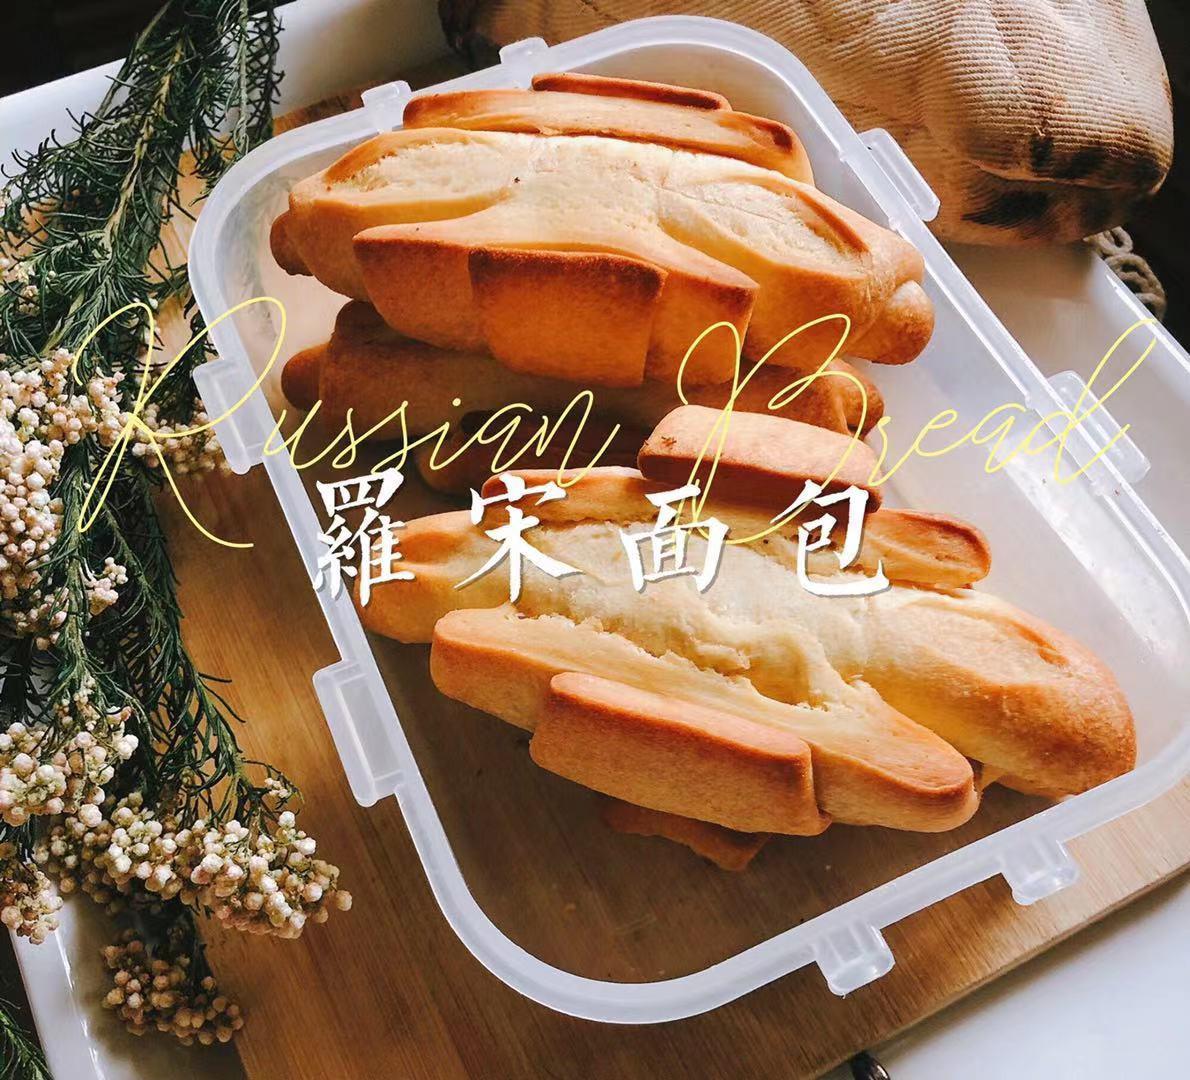 「硬酥奶油風味」羅宋麵包